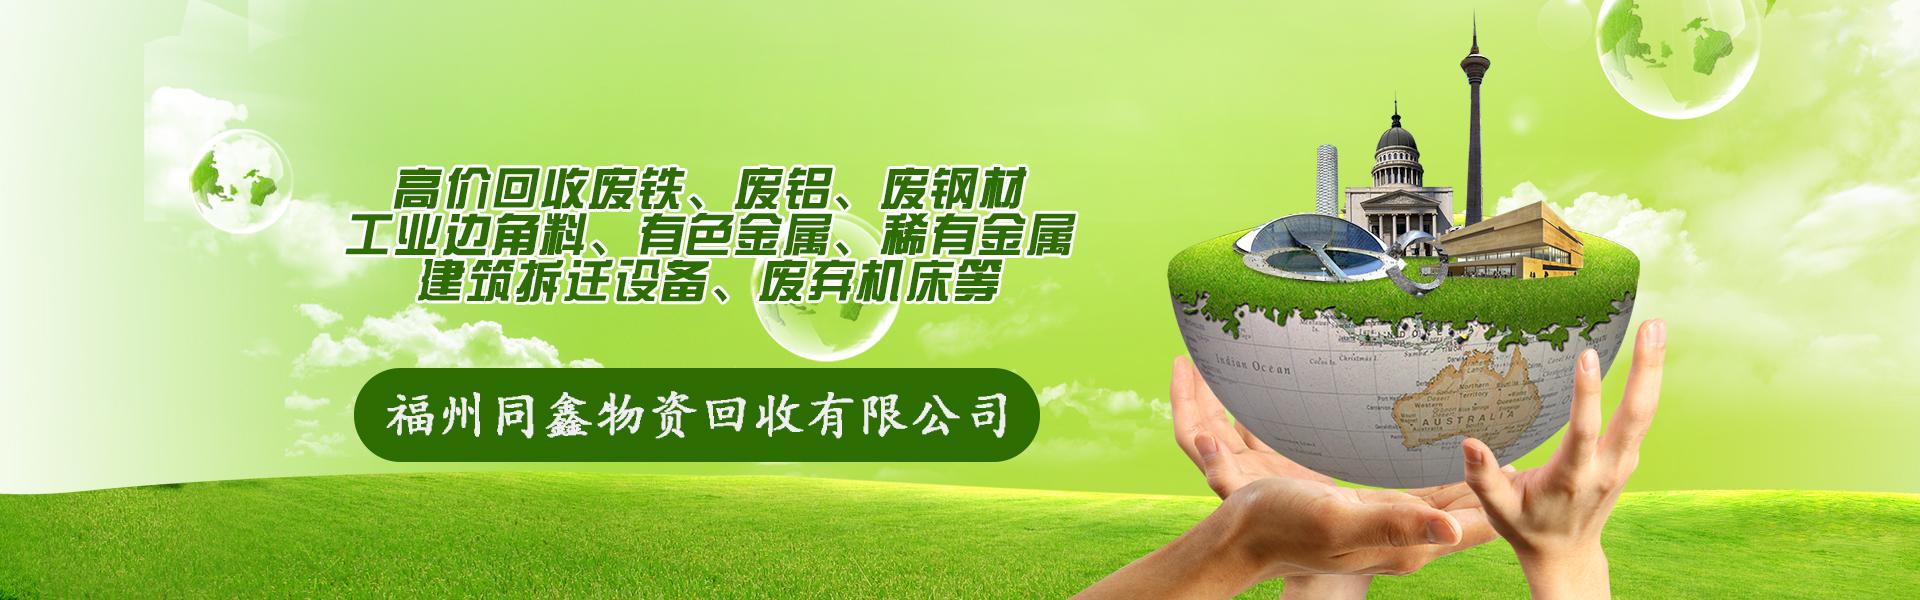 福州AG集团物资回收_产品展示